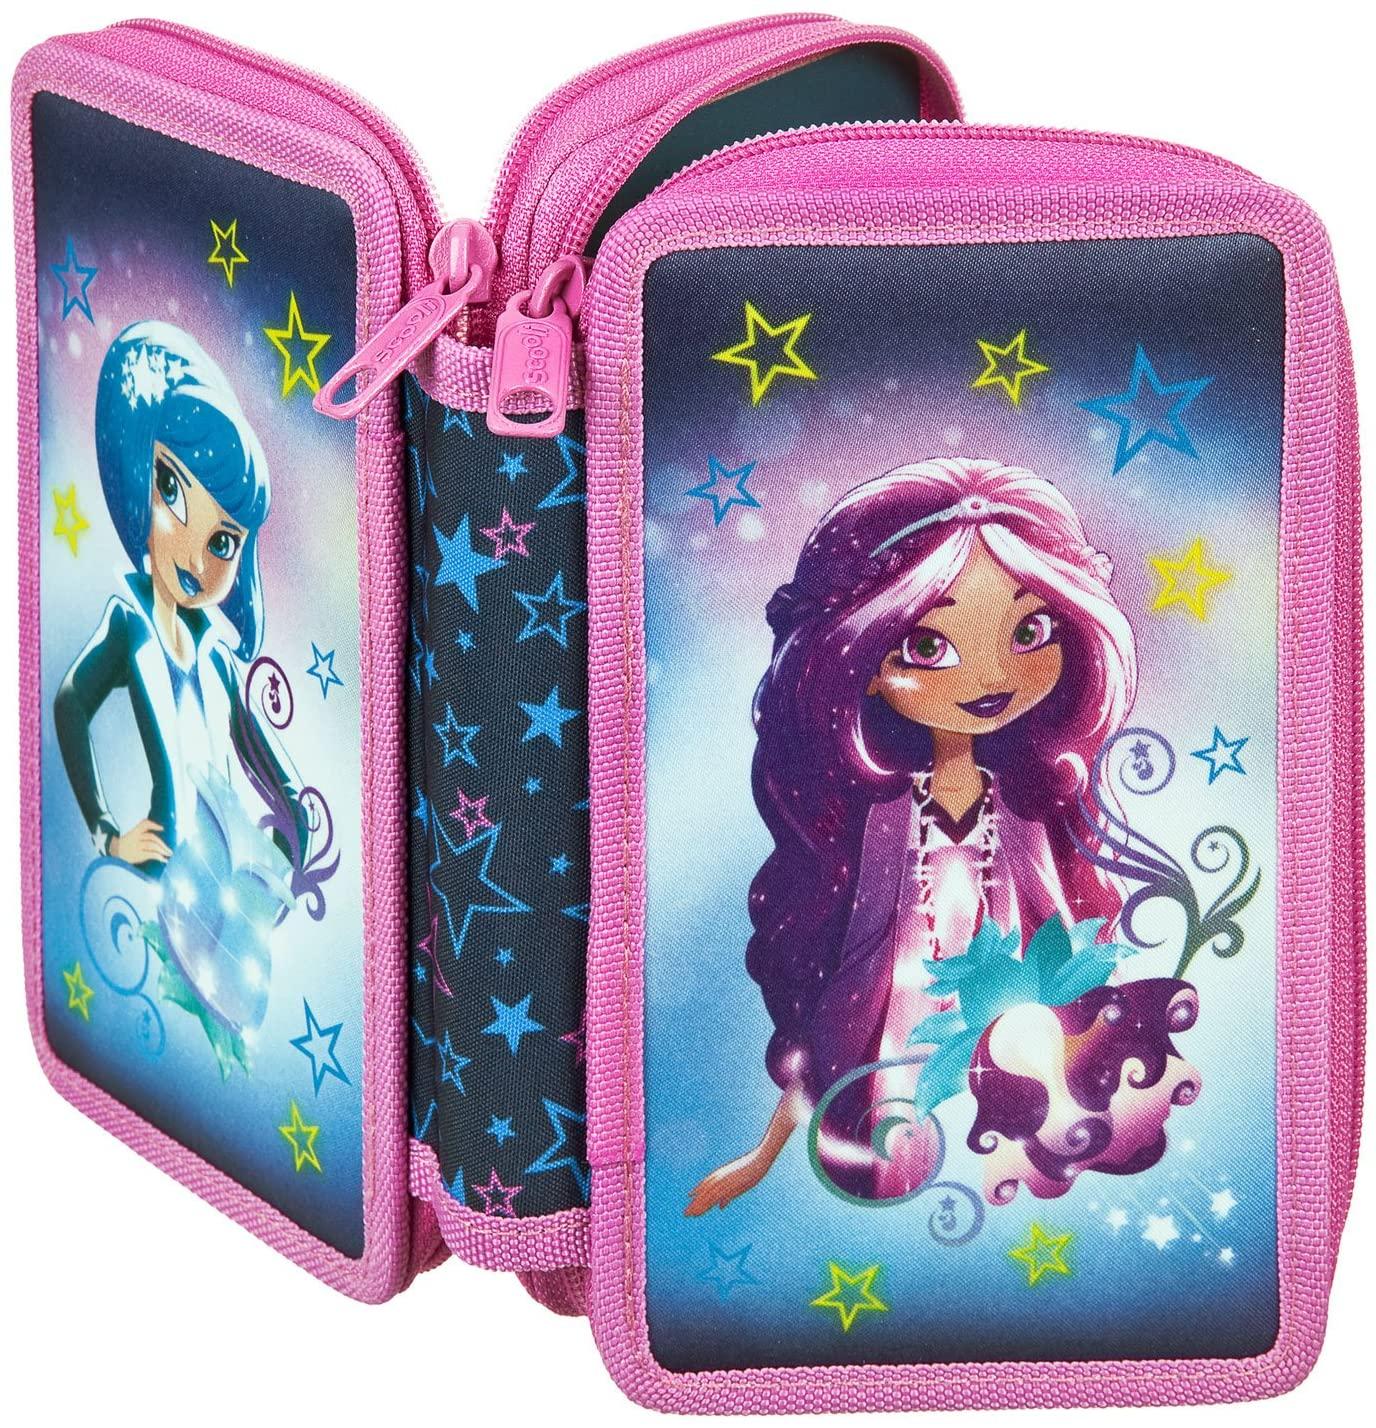 Scooli–Double Decker Stabilo Brand Filled School Pencil Case–Disney Star Darlings